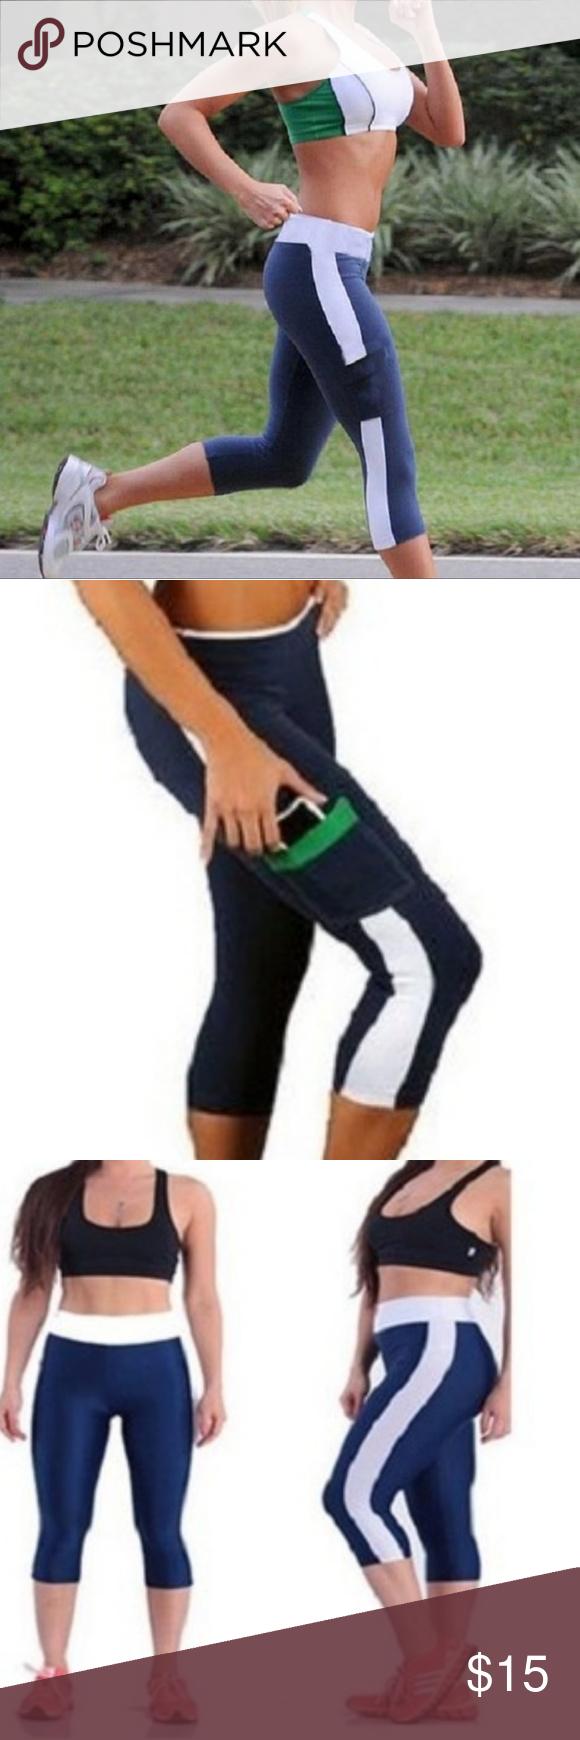 73b256f5ddff5 Yoga Running Cropped Leggins w/ Side Locket. ??Women Elastic Yoga ...